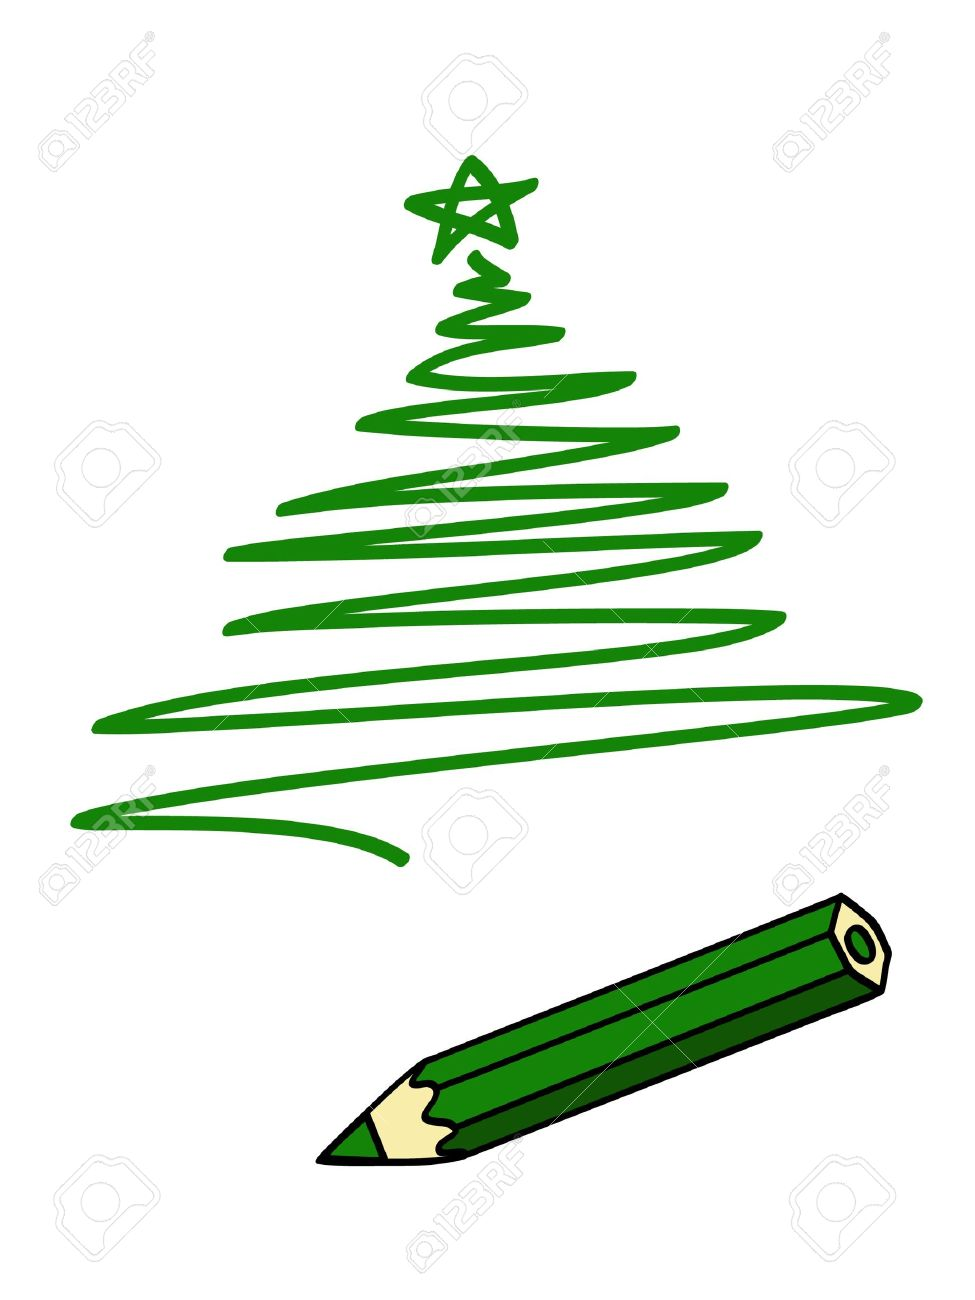 a green pencil and a green drawing of a christmas tree foto de archivo 11529825 - Dibujo Arbol De Navidad